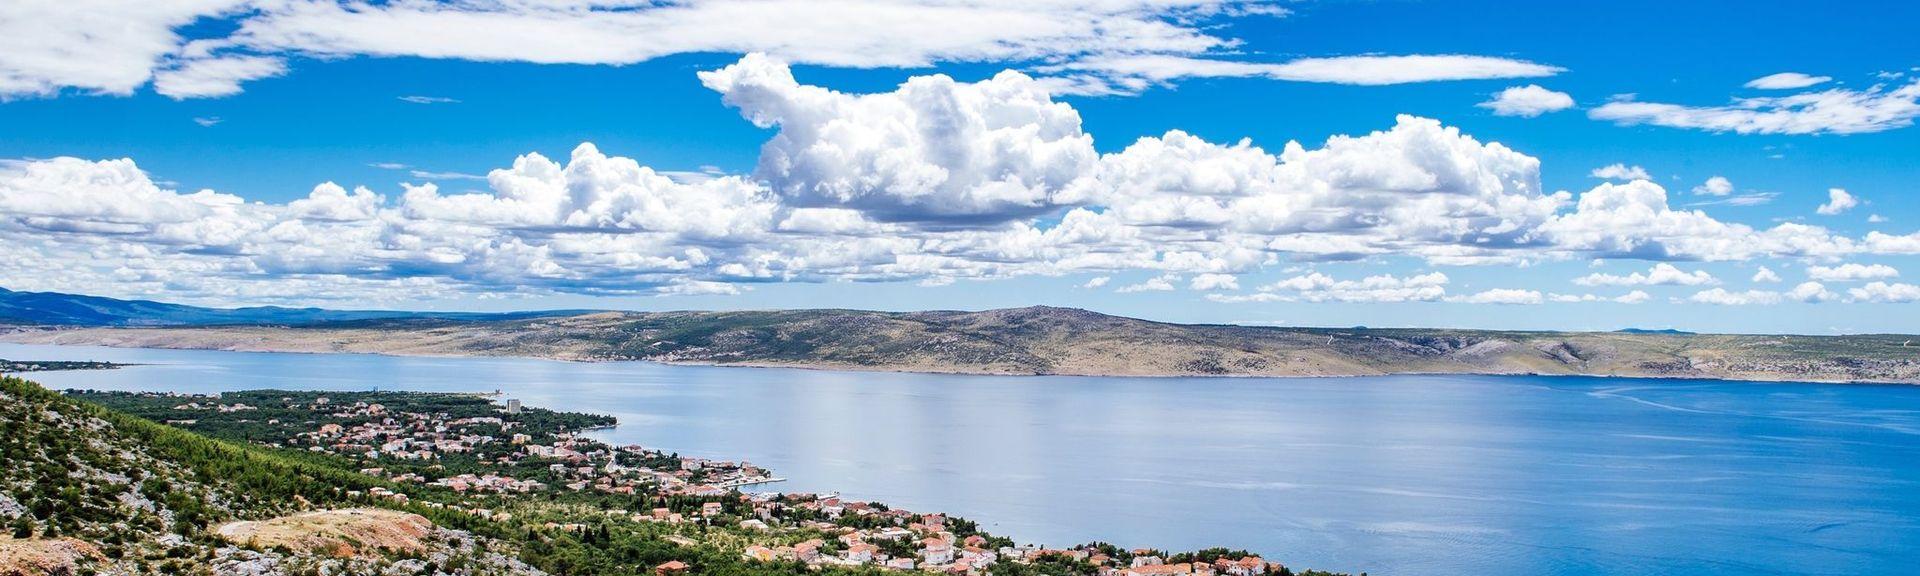 Gemeinde Posedarje, Zadar, Kroatien